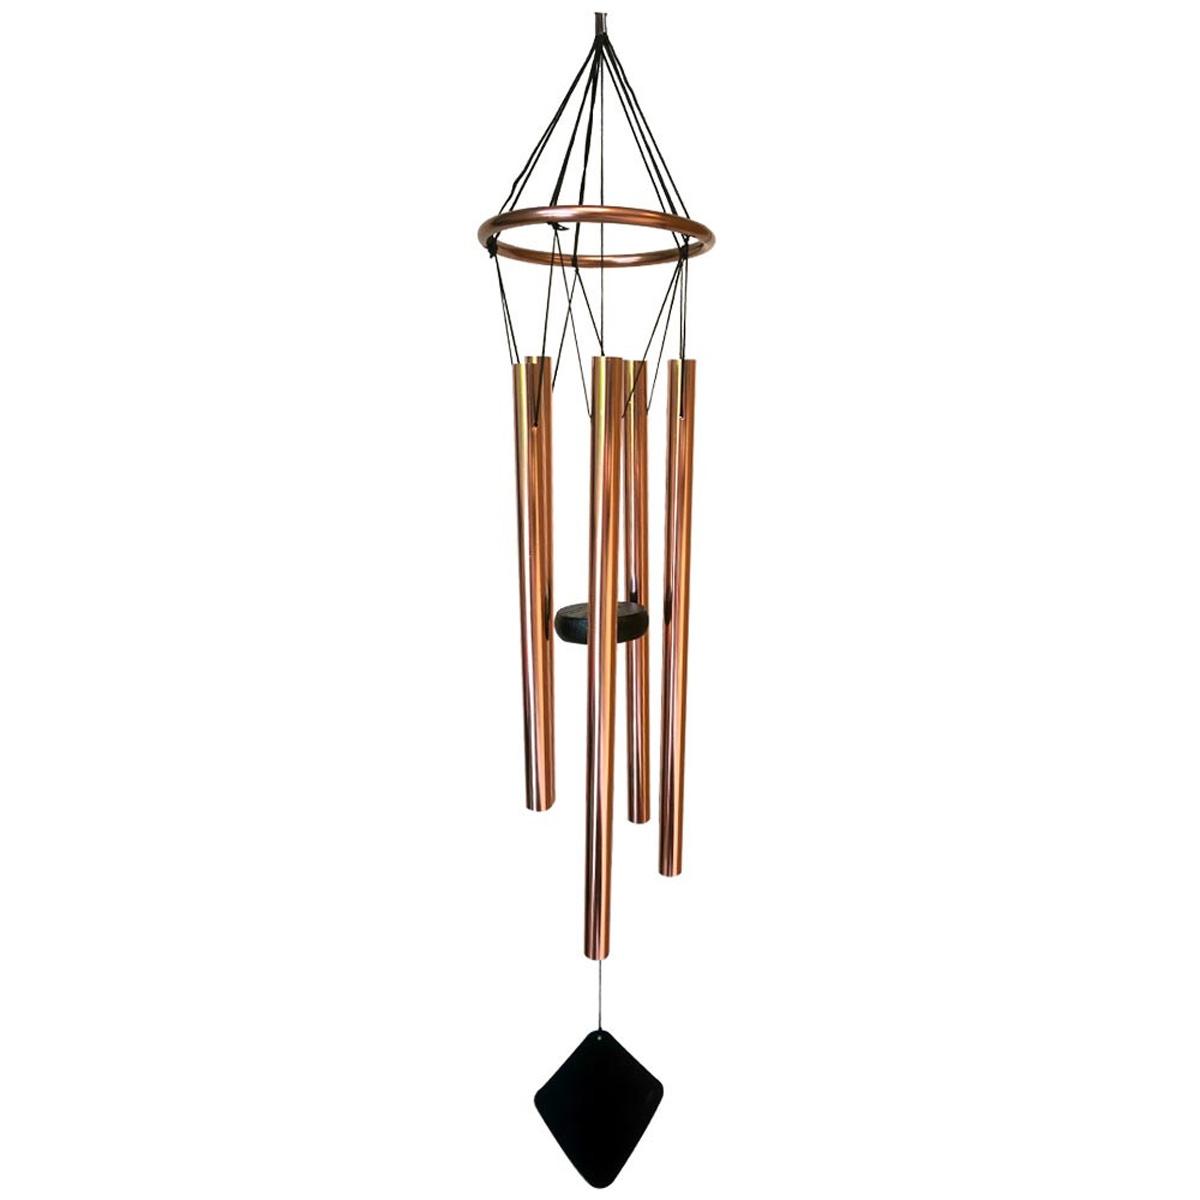 Carillon bois \'Zen attitude\' cuivré  - 78x12 cm - [A2340]